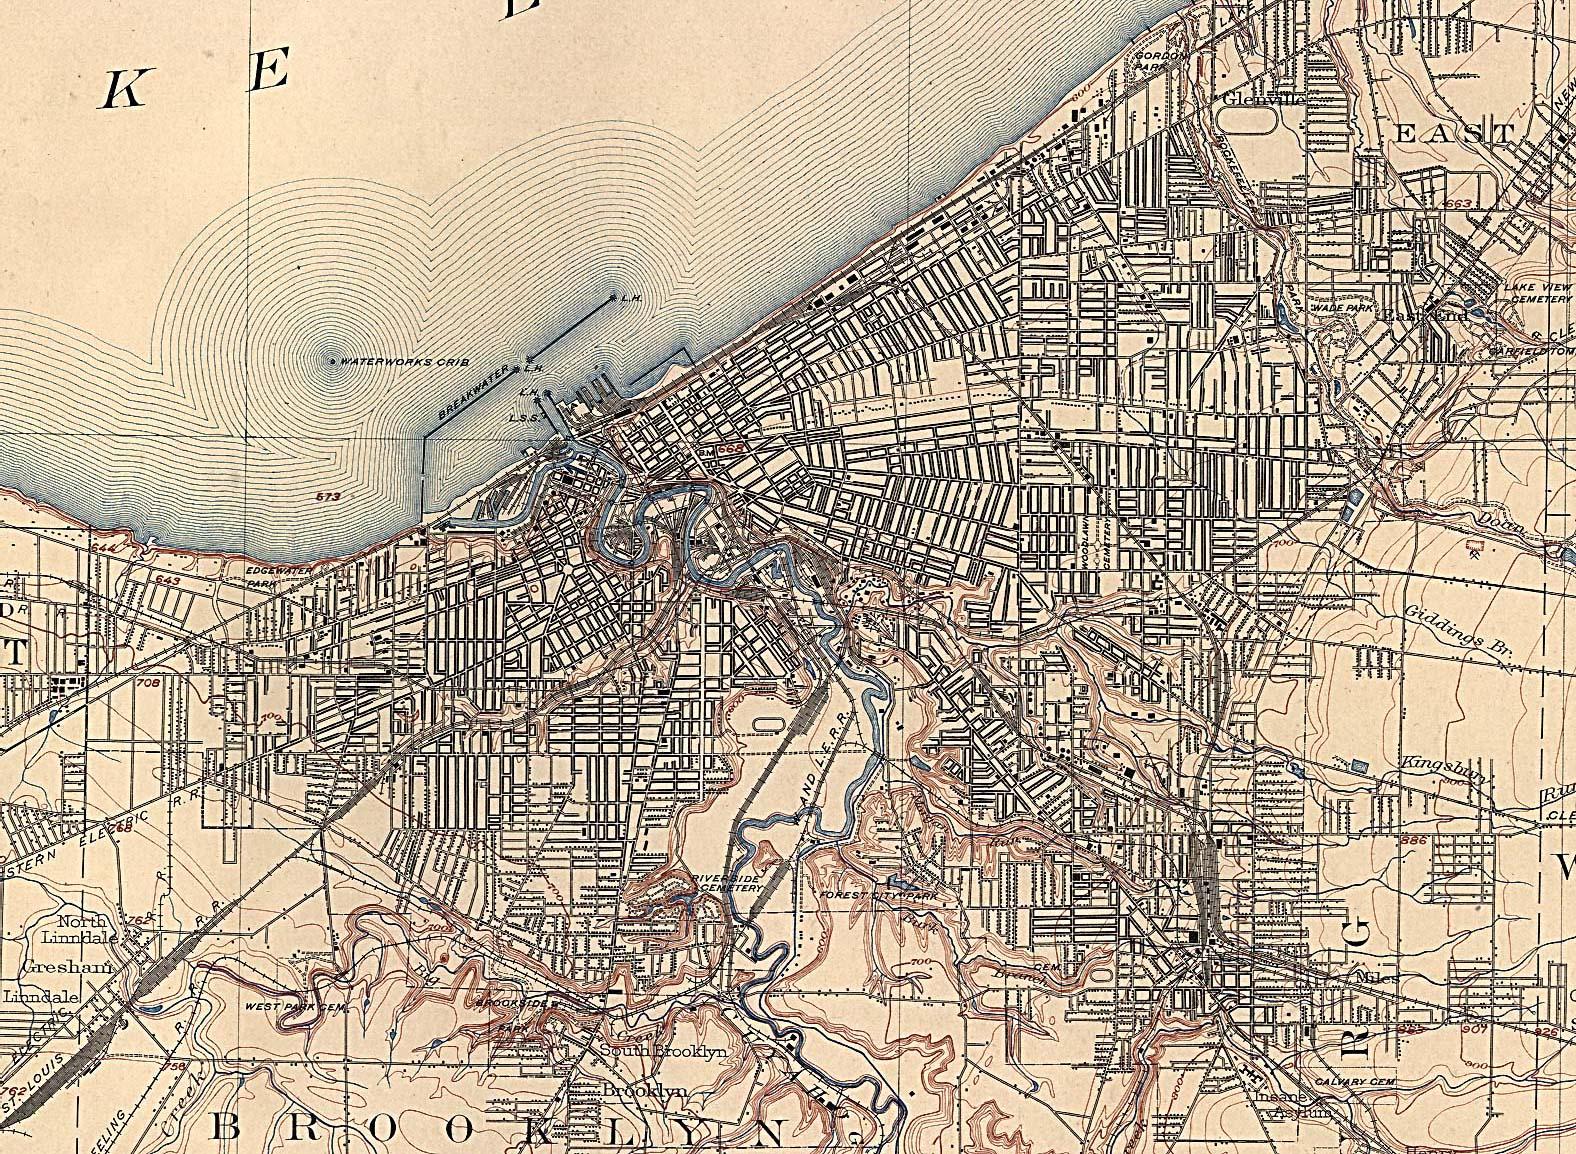 Mapa de la Ciudad de Clevely , Ohio, Estados Unidos 1904